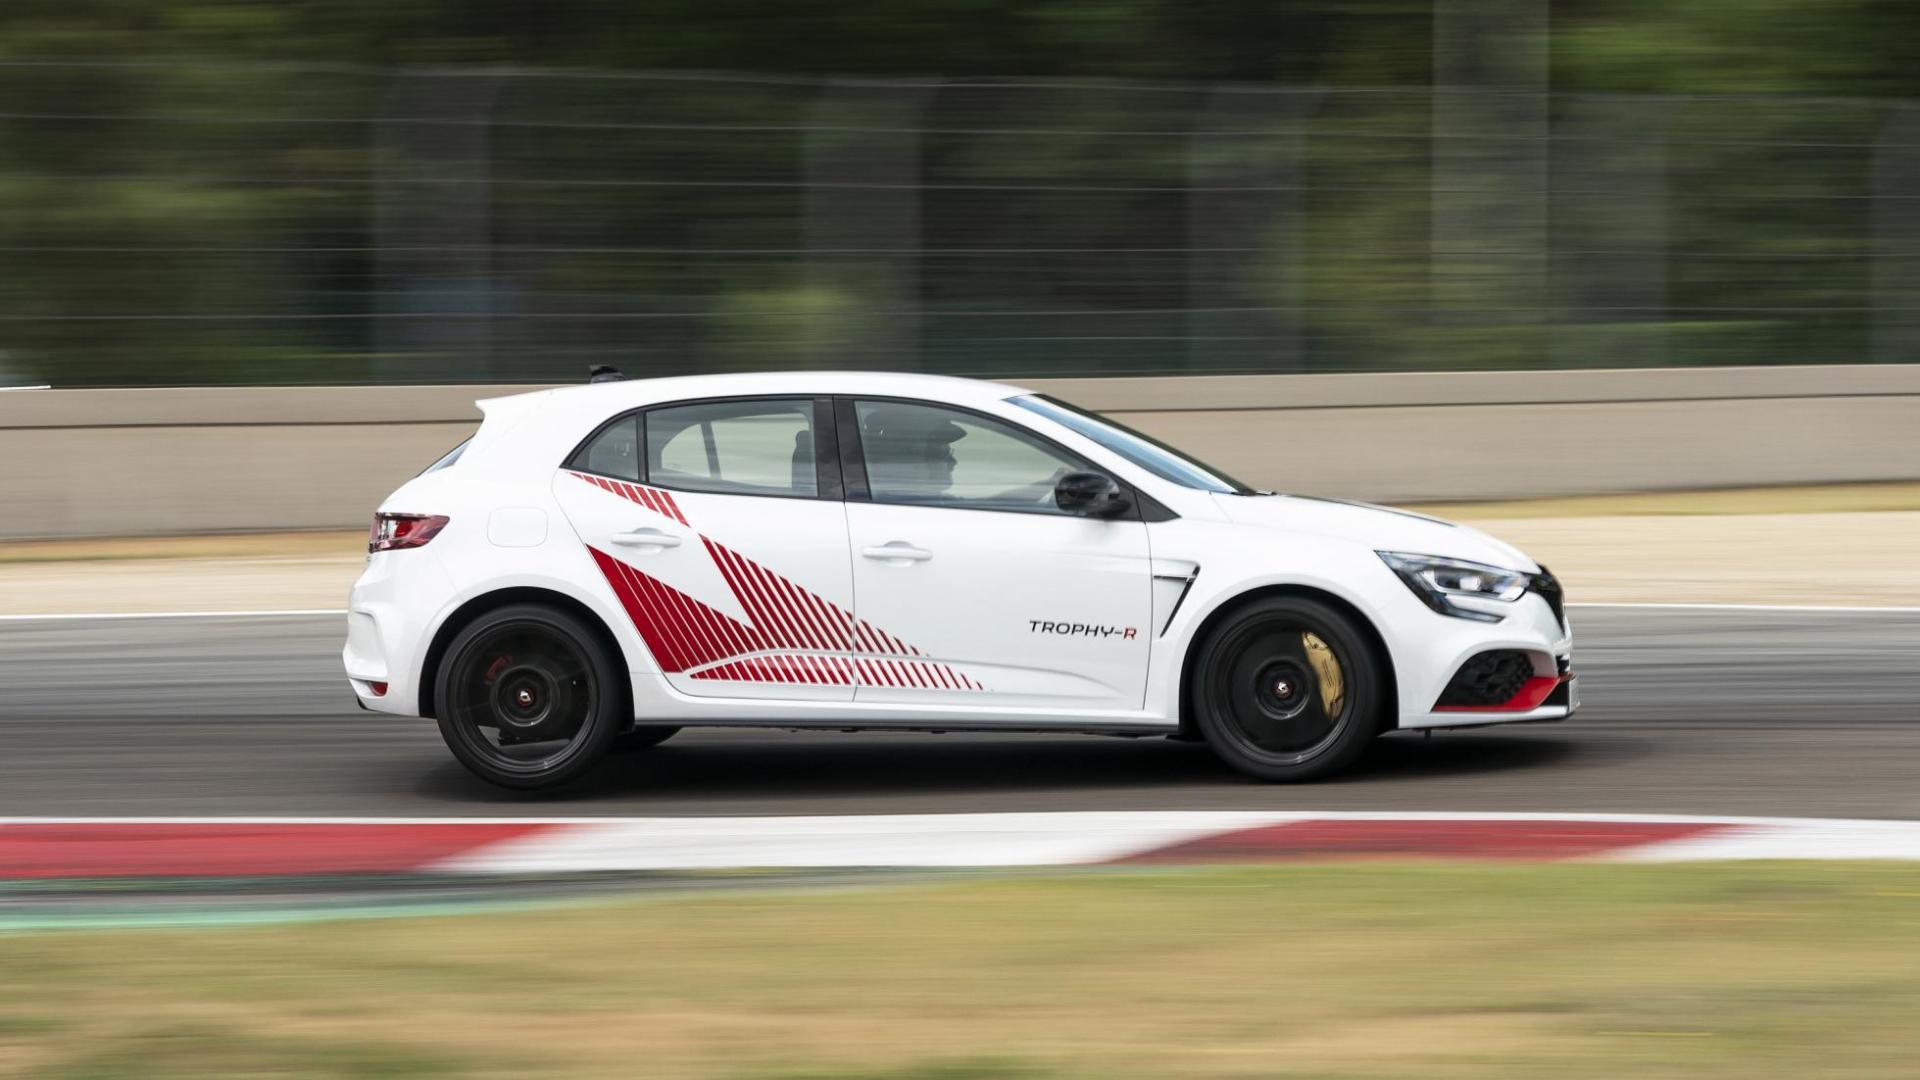 Renault Mégane RS Trophy-R zij rechts op circuit